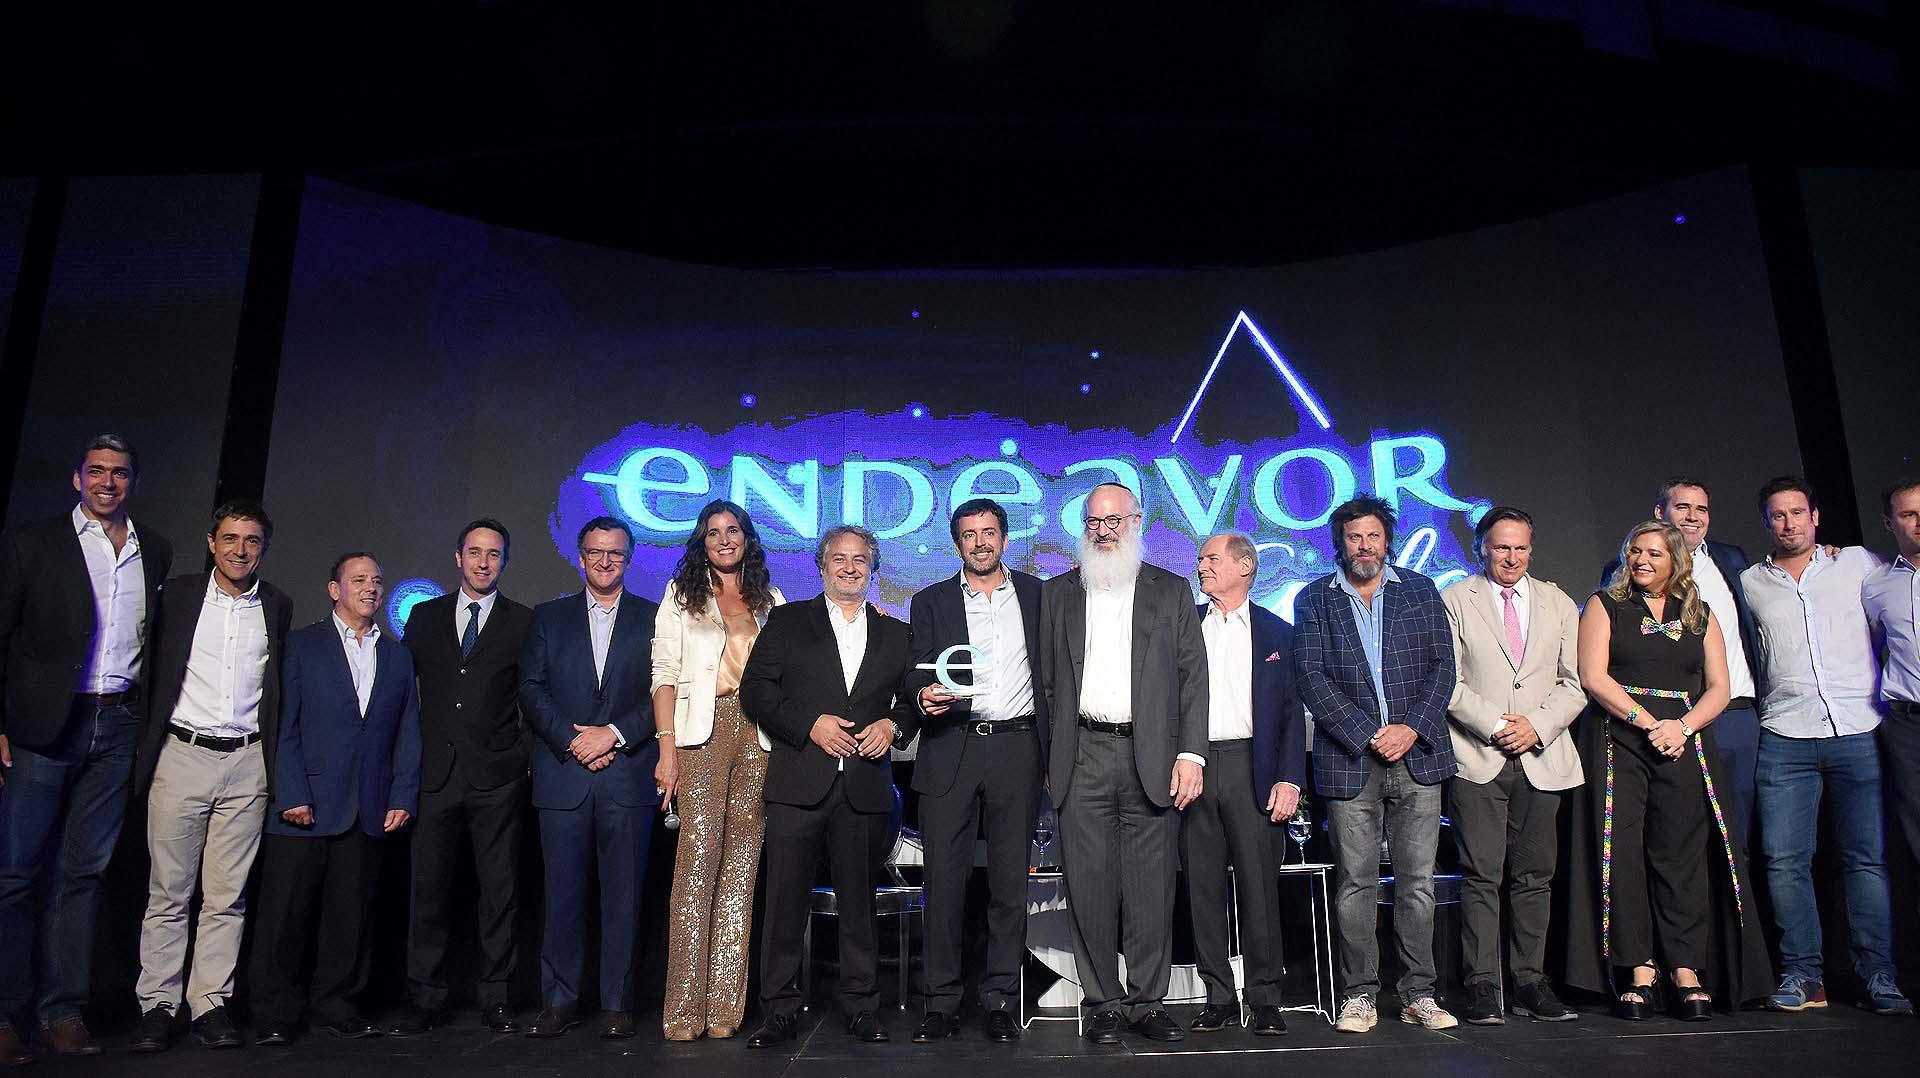 El comité completo de Endeavor con el distinguido de la gala: Mariano Bosch